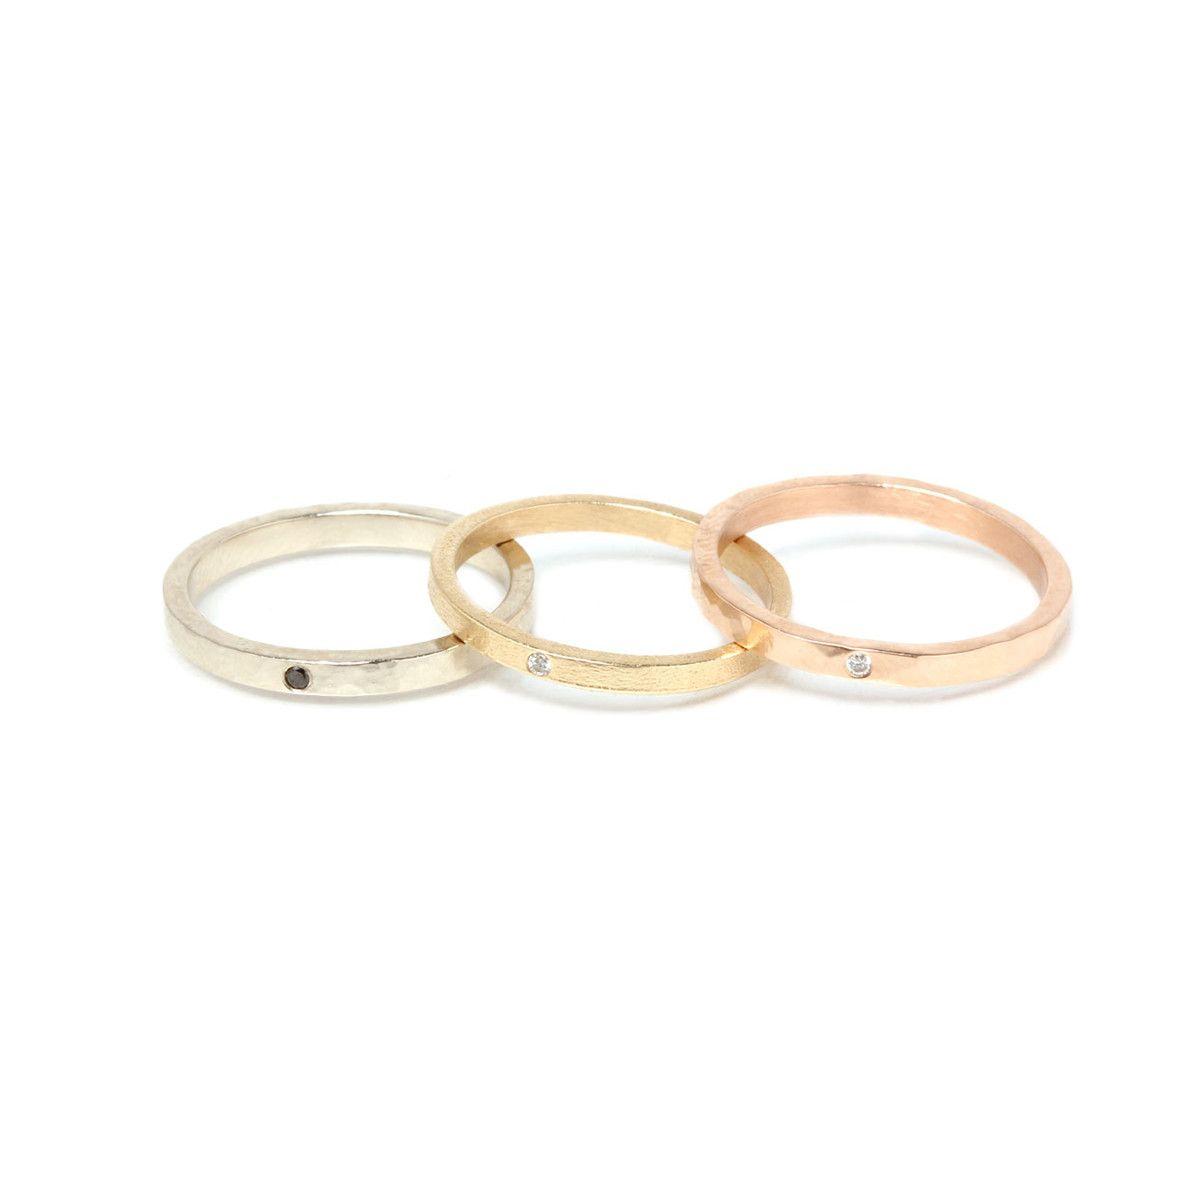 14k flat stack rings